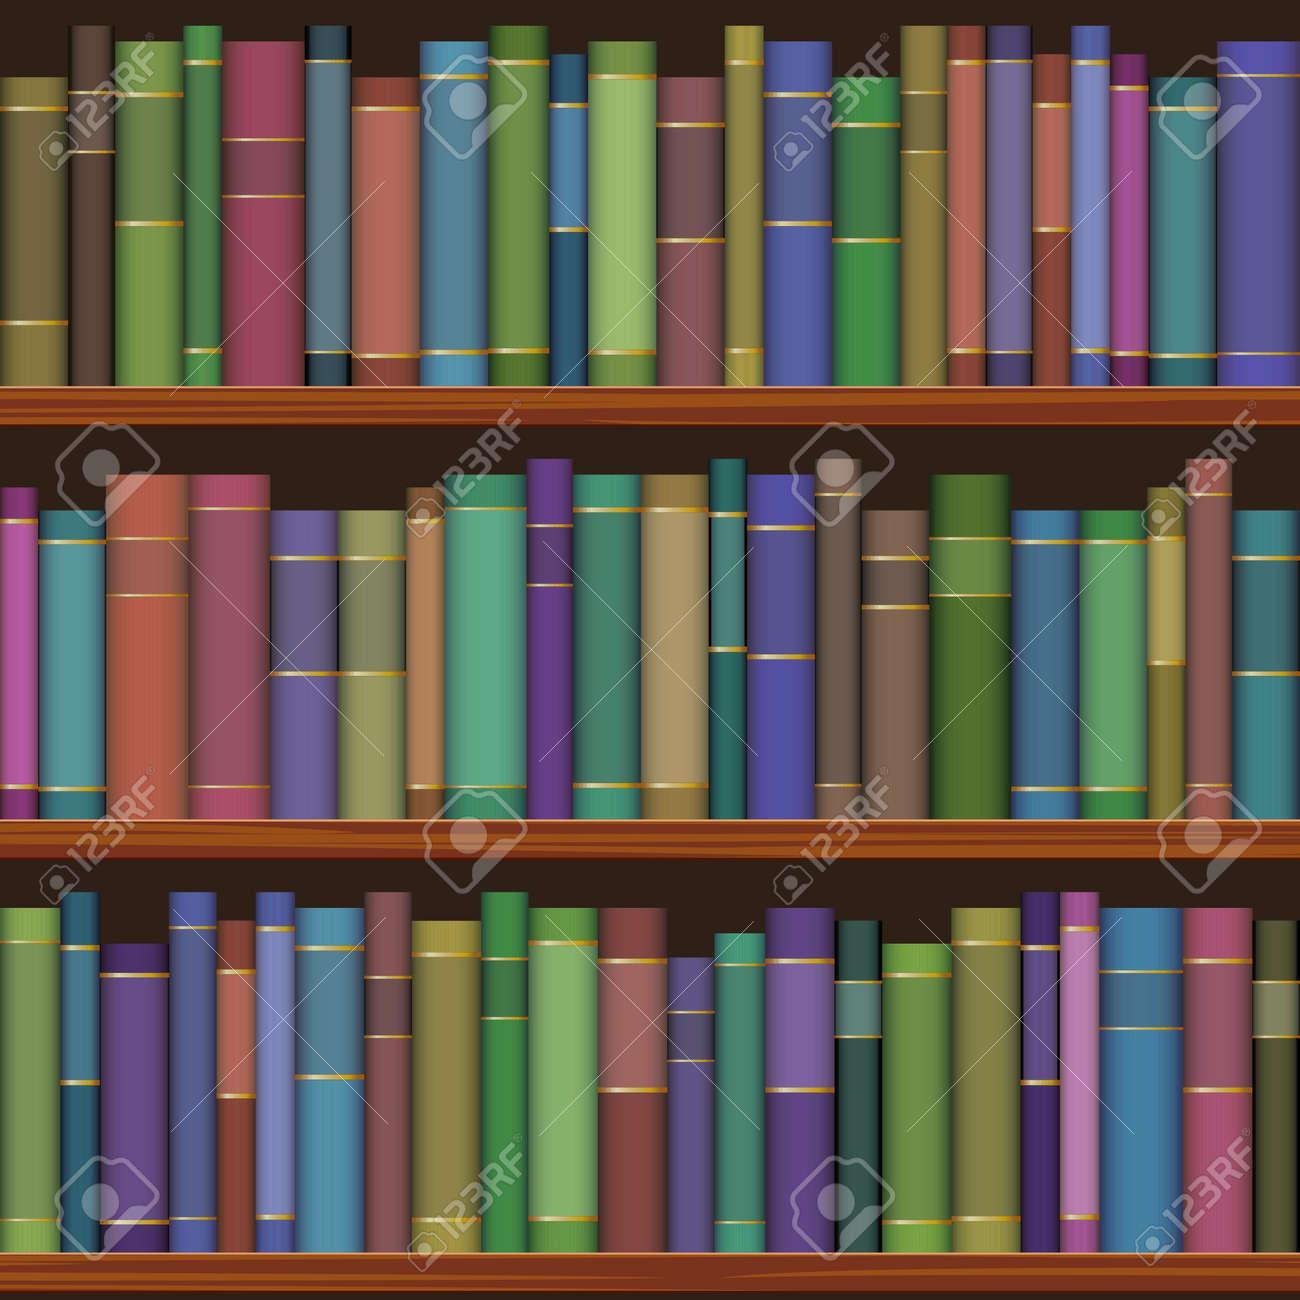 کتاب و کتابخوانی کتاب های ممنوعه و نایاب